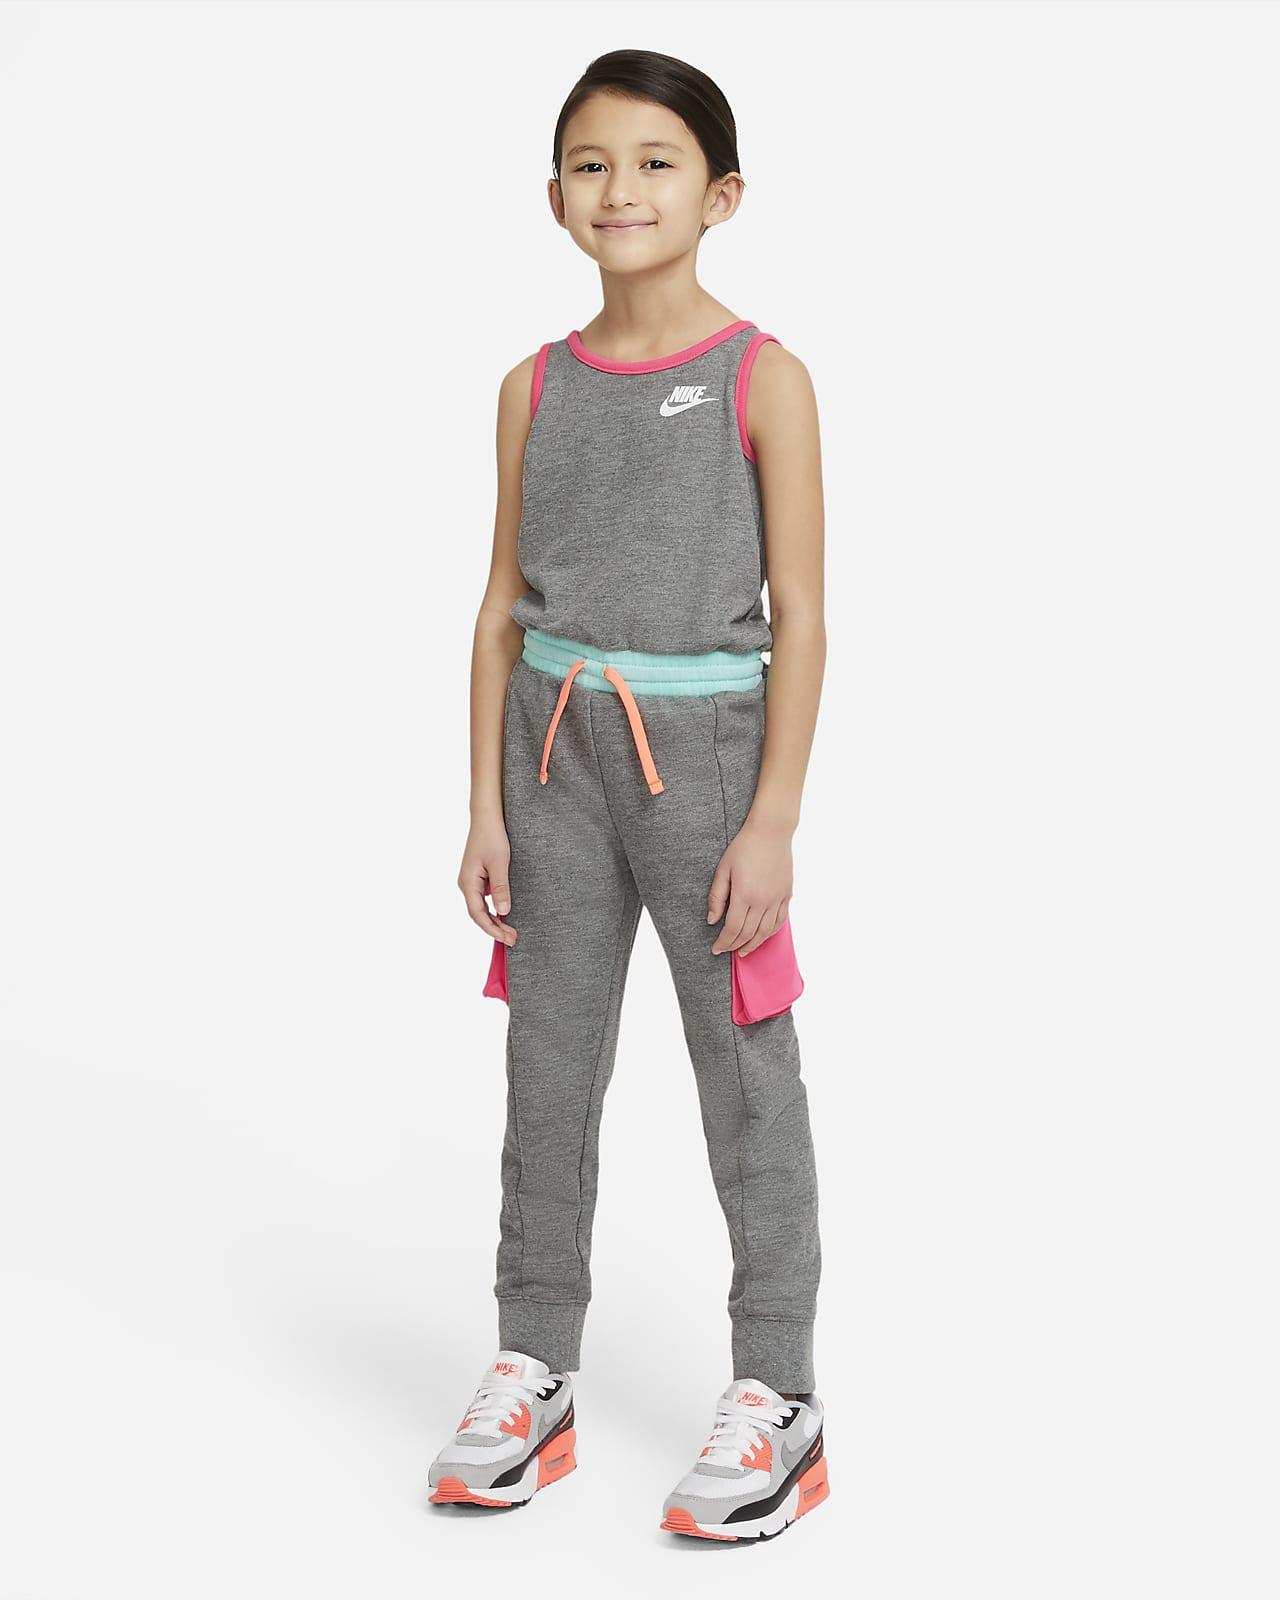 Nike Sportswear Little Kids' Jumpsuit